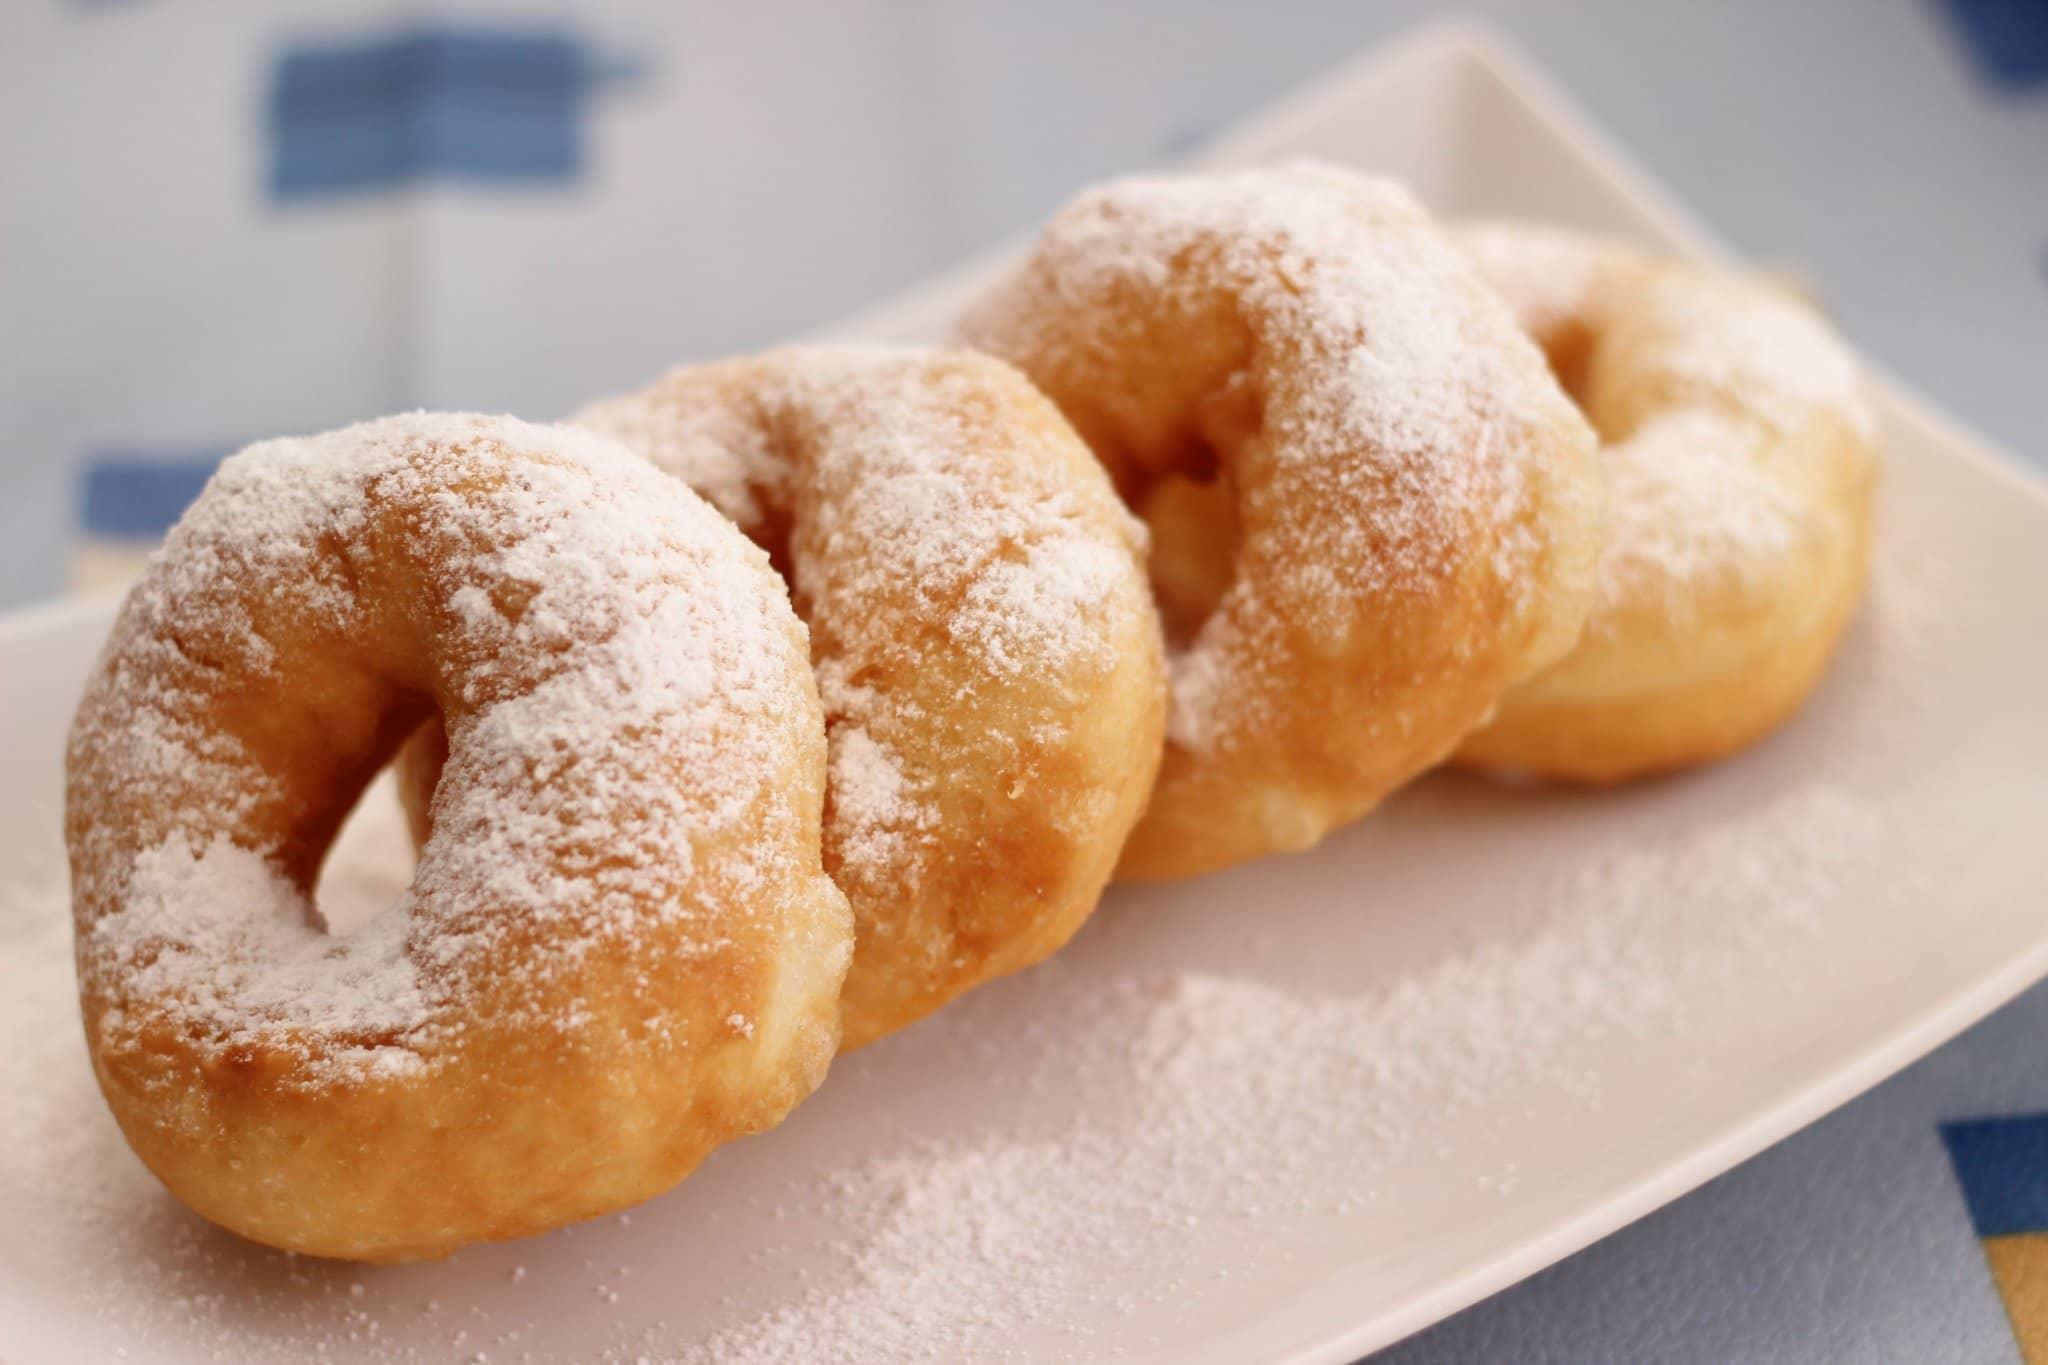 Посыпаем пончики пудрой. Все они готовы к употреблению, приятного аппетита